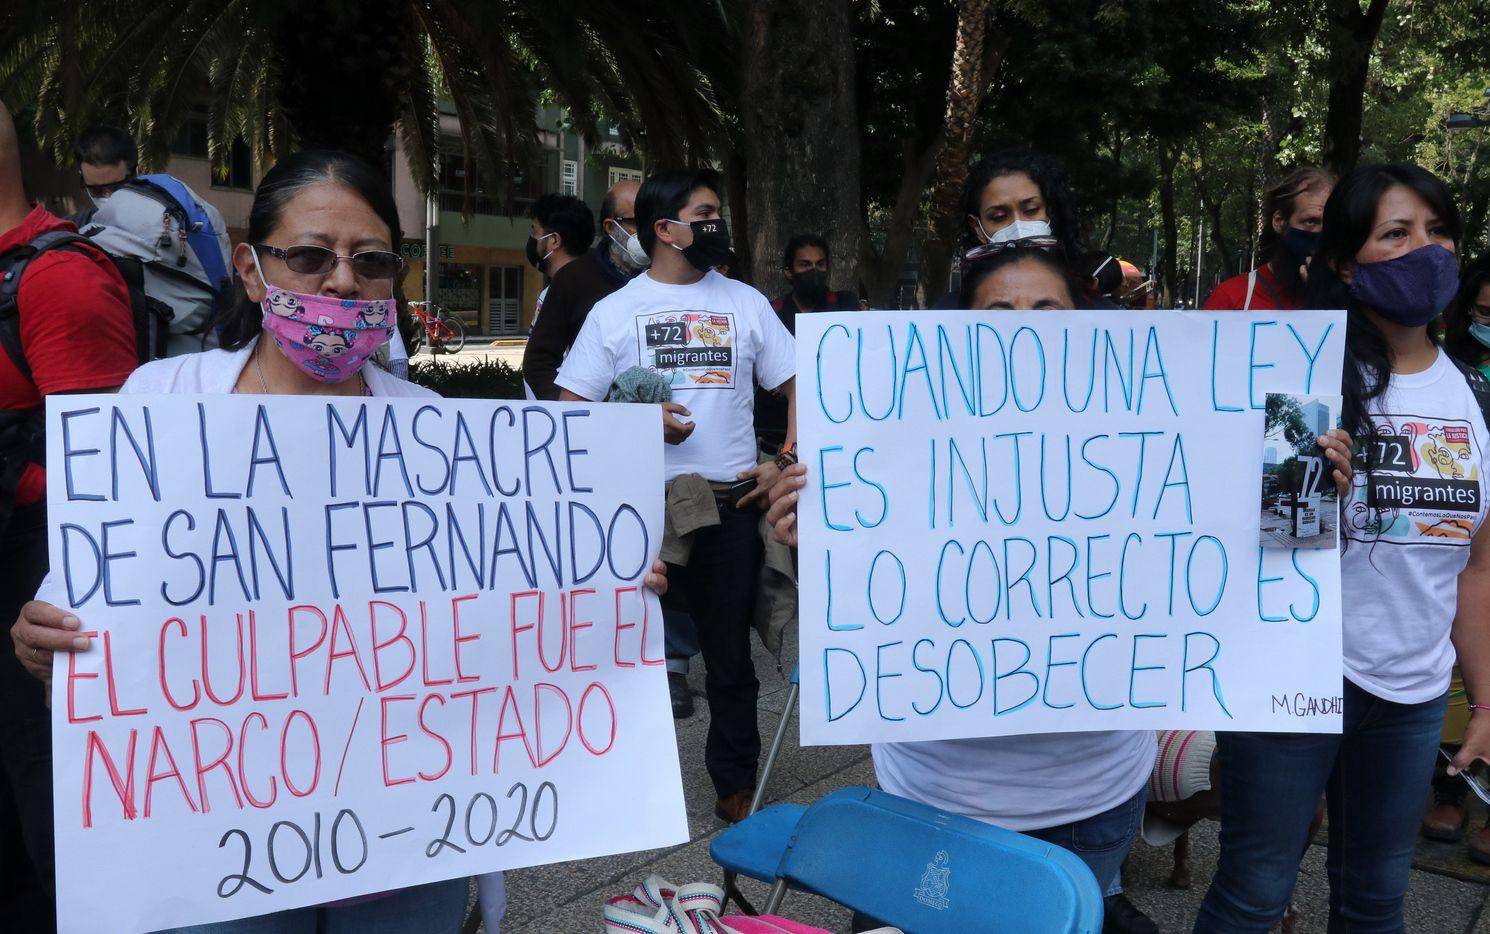 Personas protestaron en la Ciudad de México por el 10 aniversario de la masacre de San Fernando, Tamaulipas, en la cual 72 migrantes fueron asesinados.